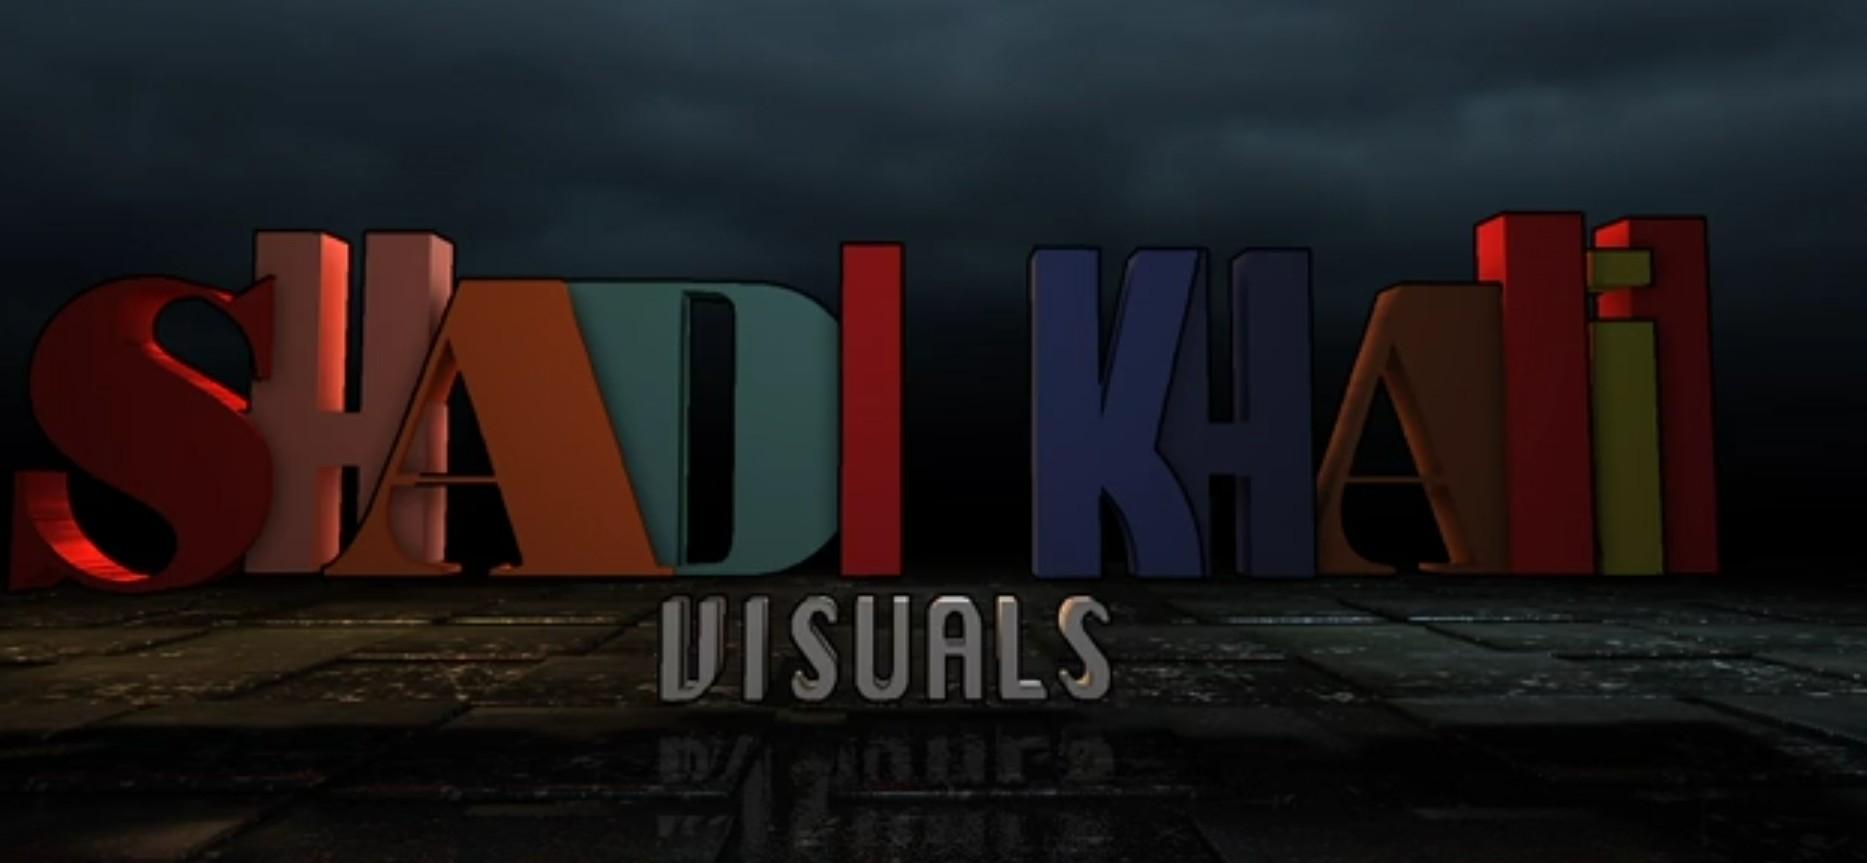 Alan kichl shadi logo